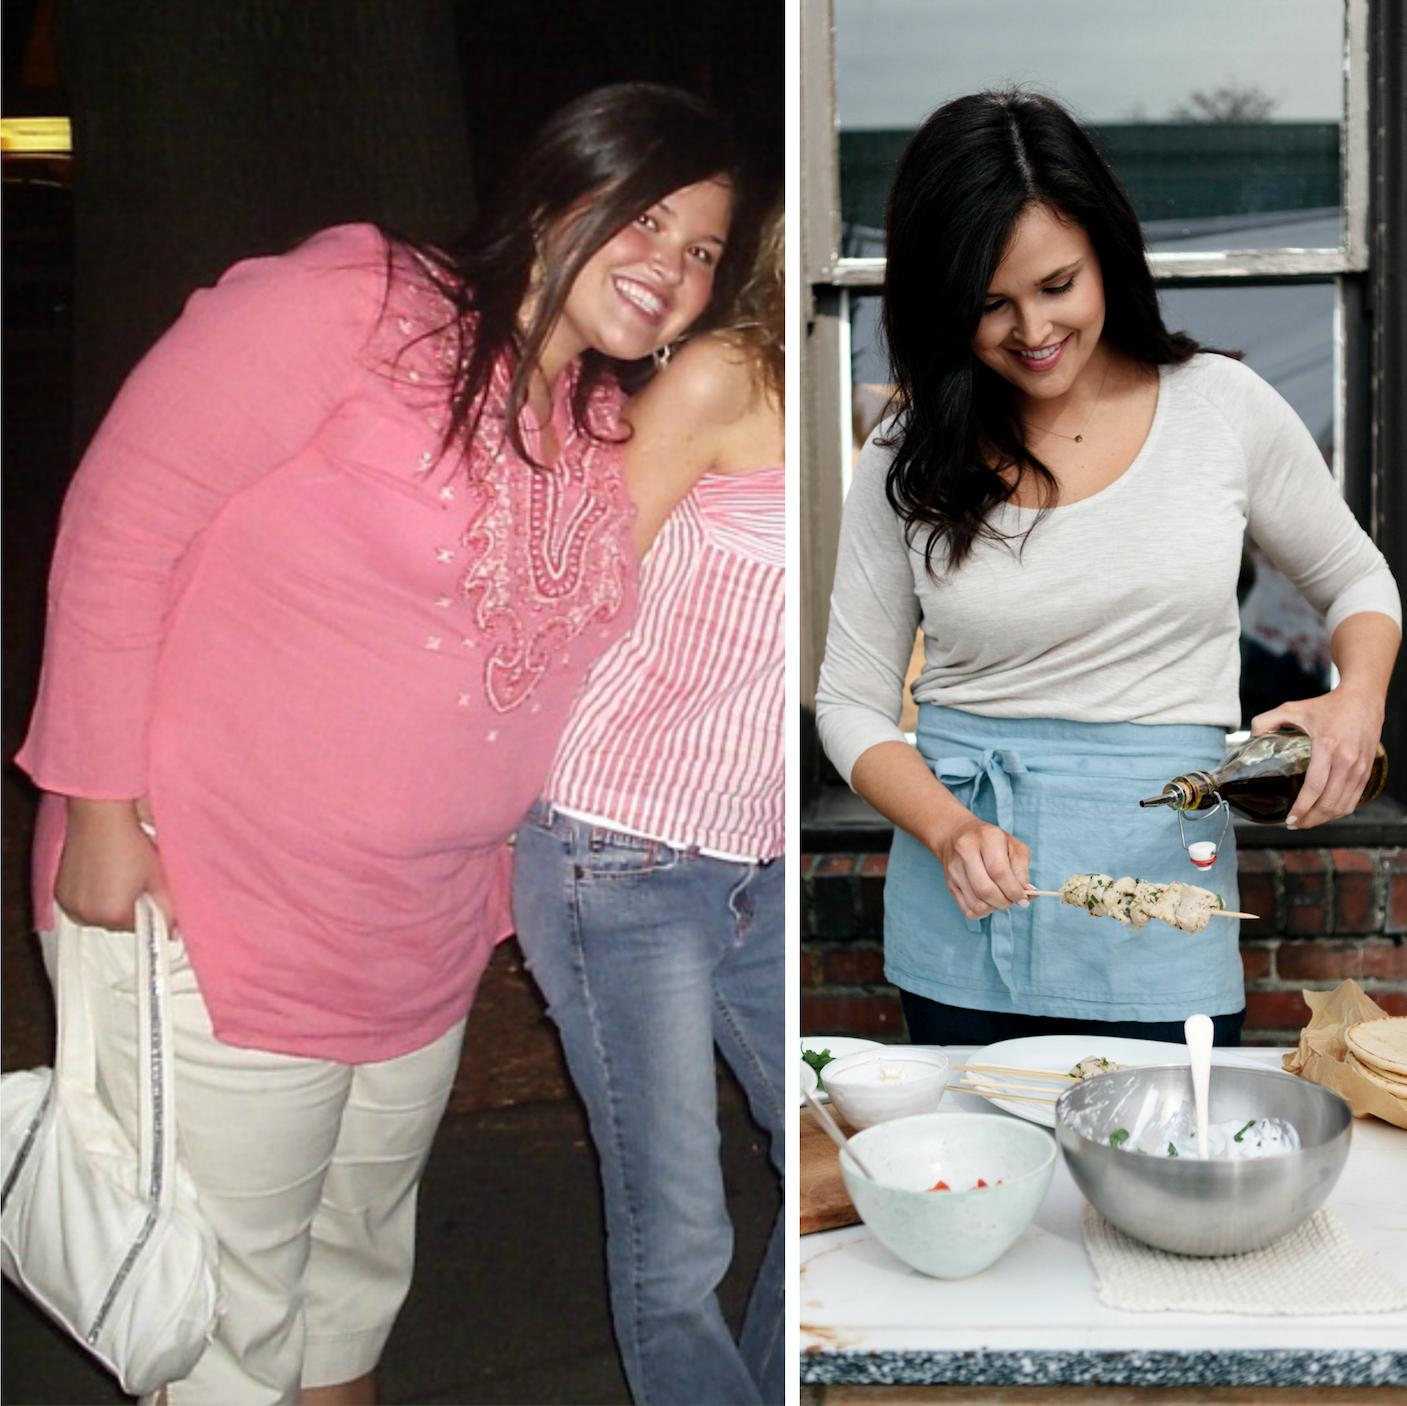 Andie Mitchell Weightloss Journey